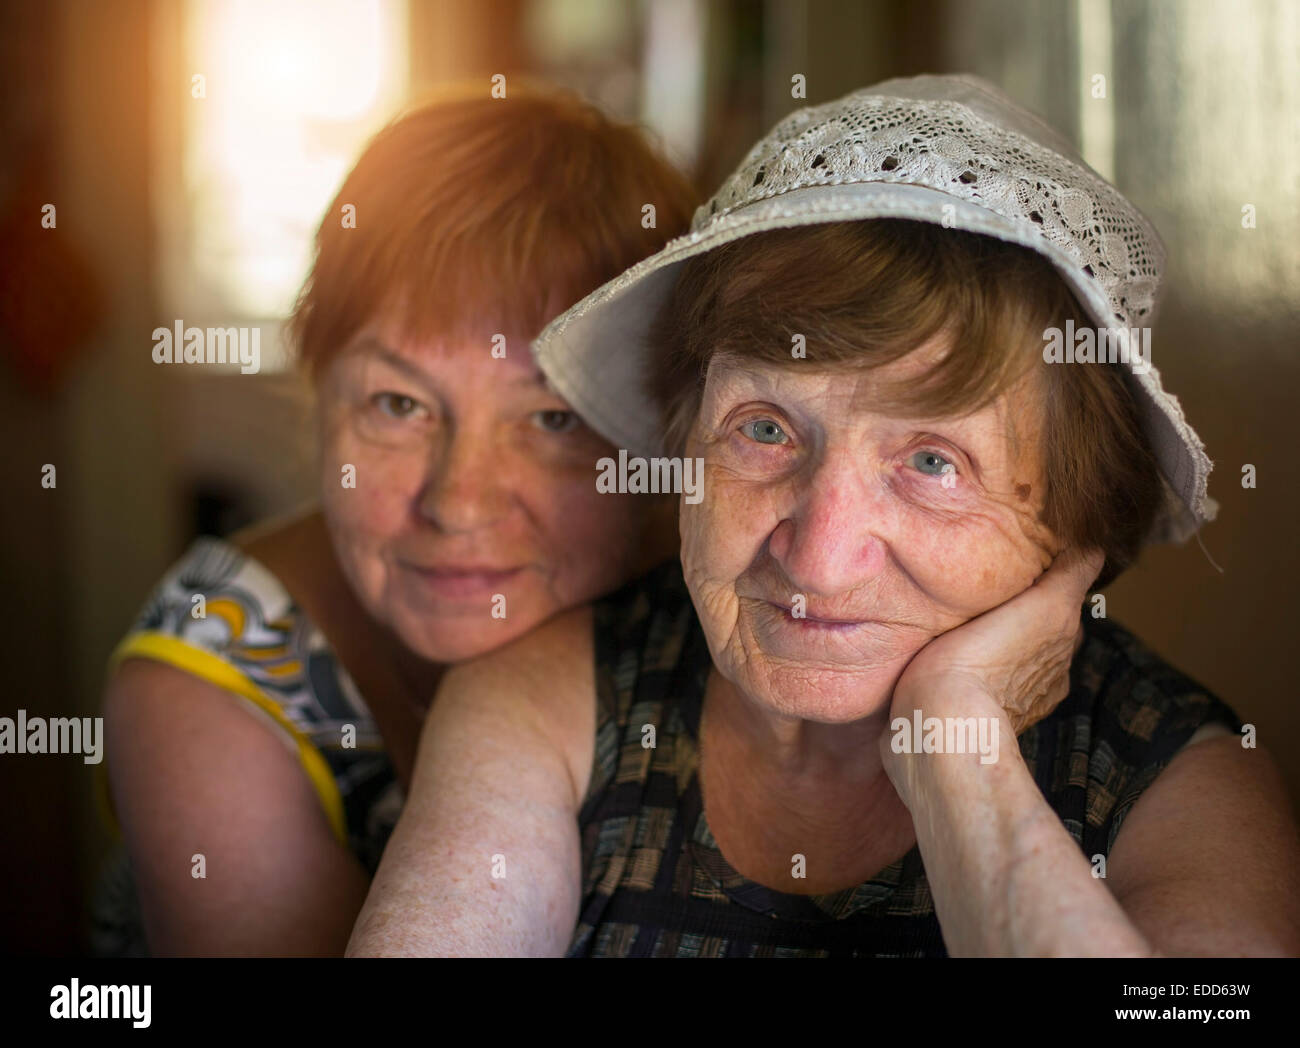 Ritratto di donna anziana e abbracciando la figlia in background, in casa. Immagini Stock